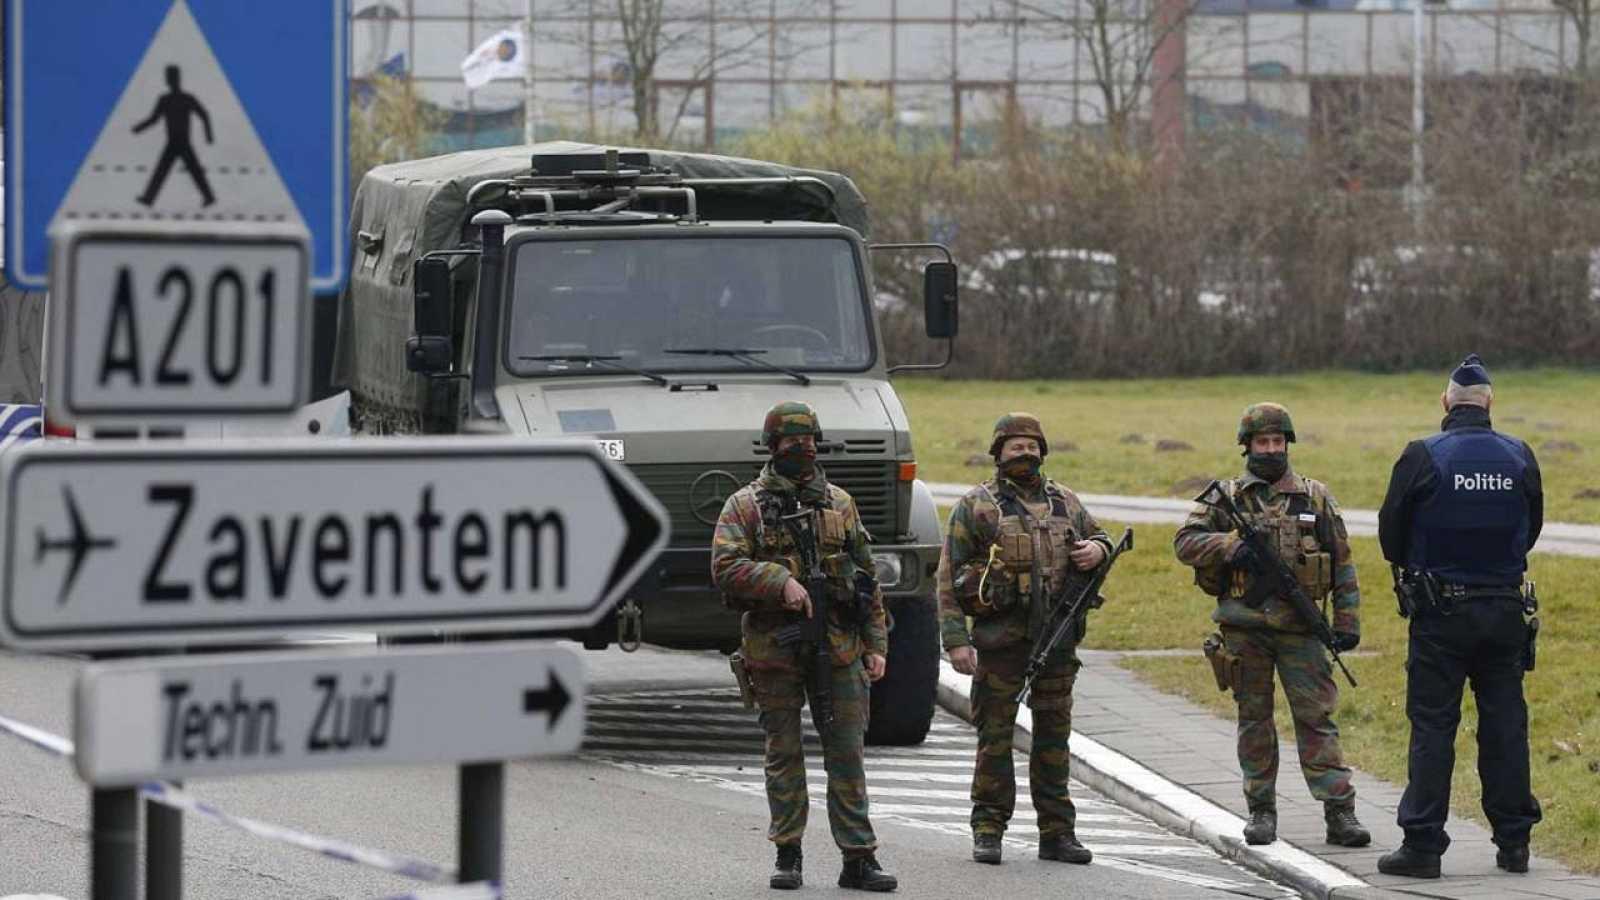 Soldados del Ejército belga patrullan las inmediaciones del aeropuerto de Zaventem